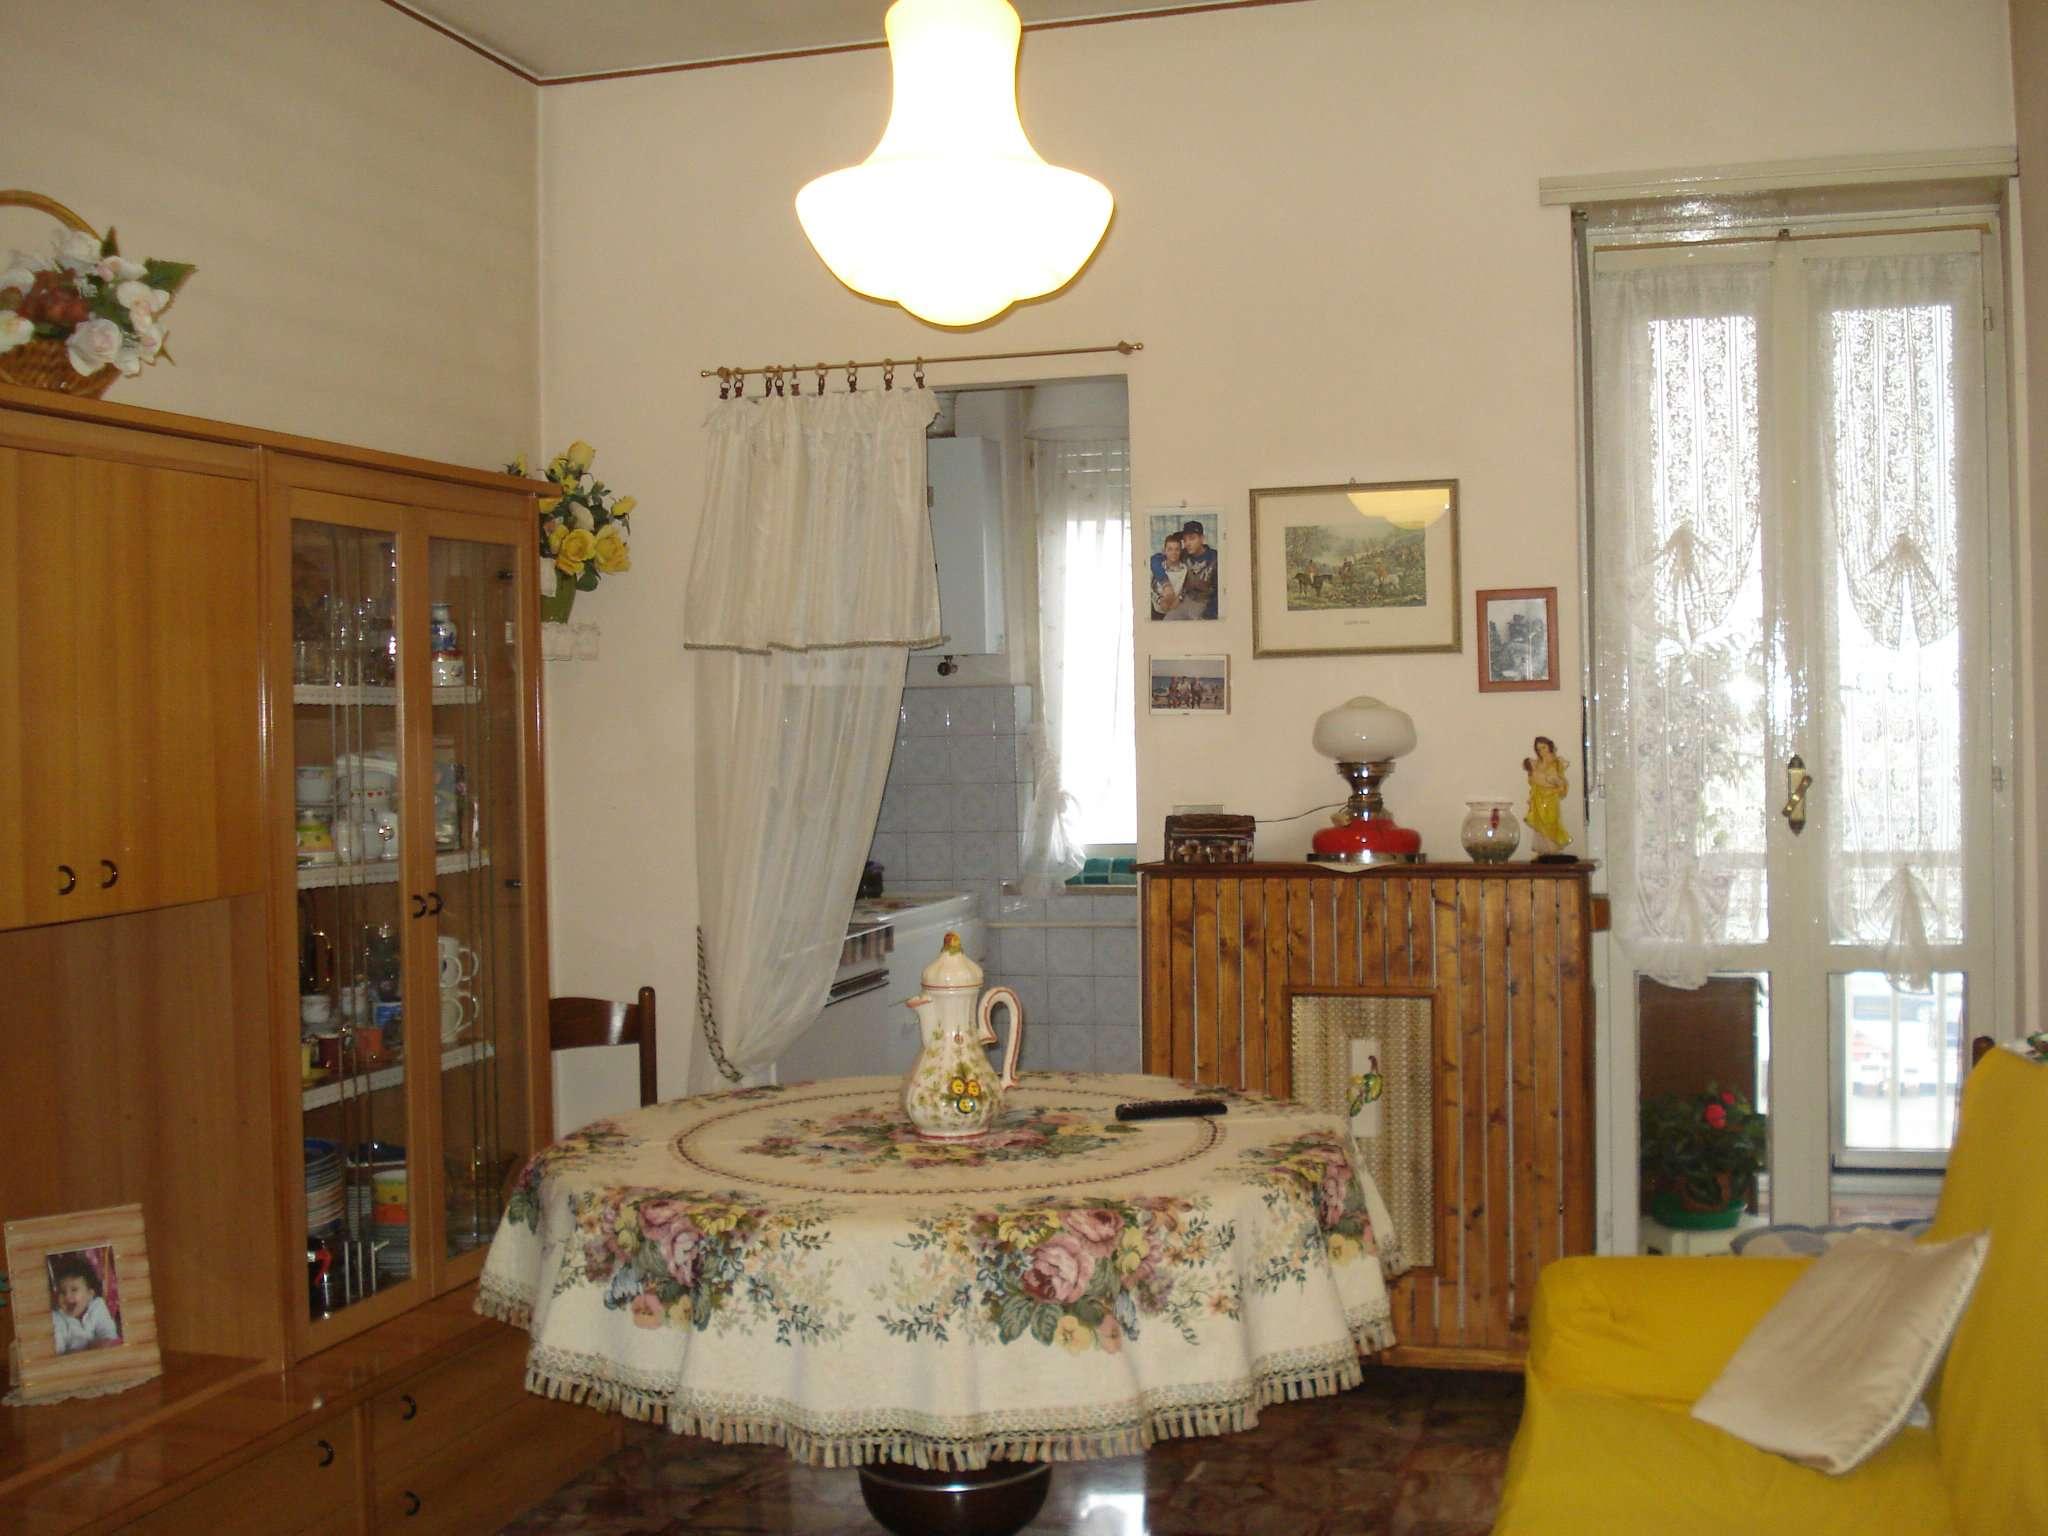 Appartamento in vendita a Beinasco, 2 locali, prezzo € 70.000 | CambioCasa.it